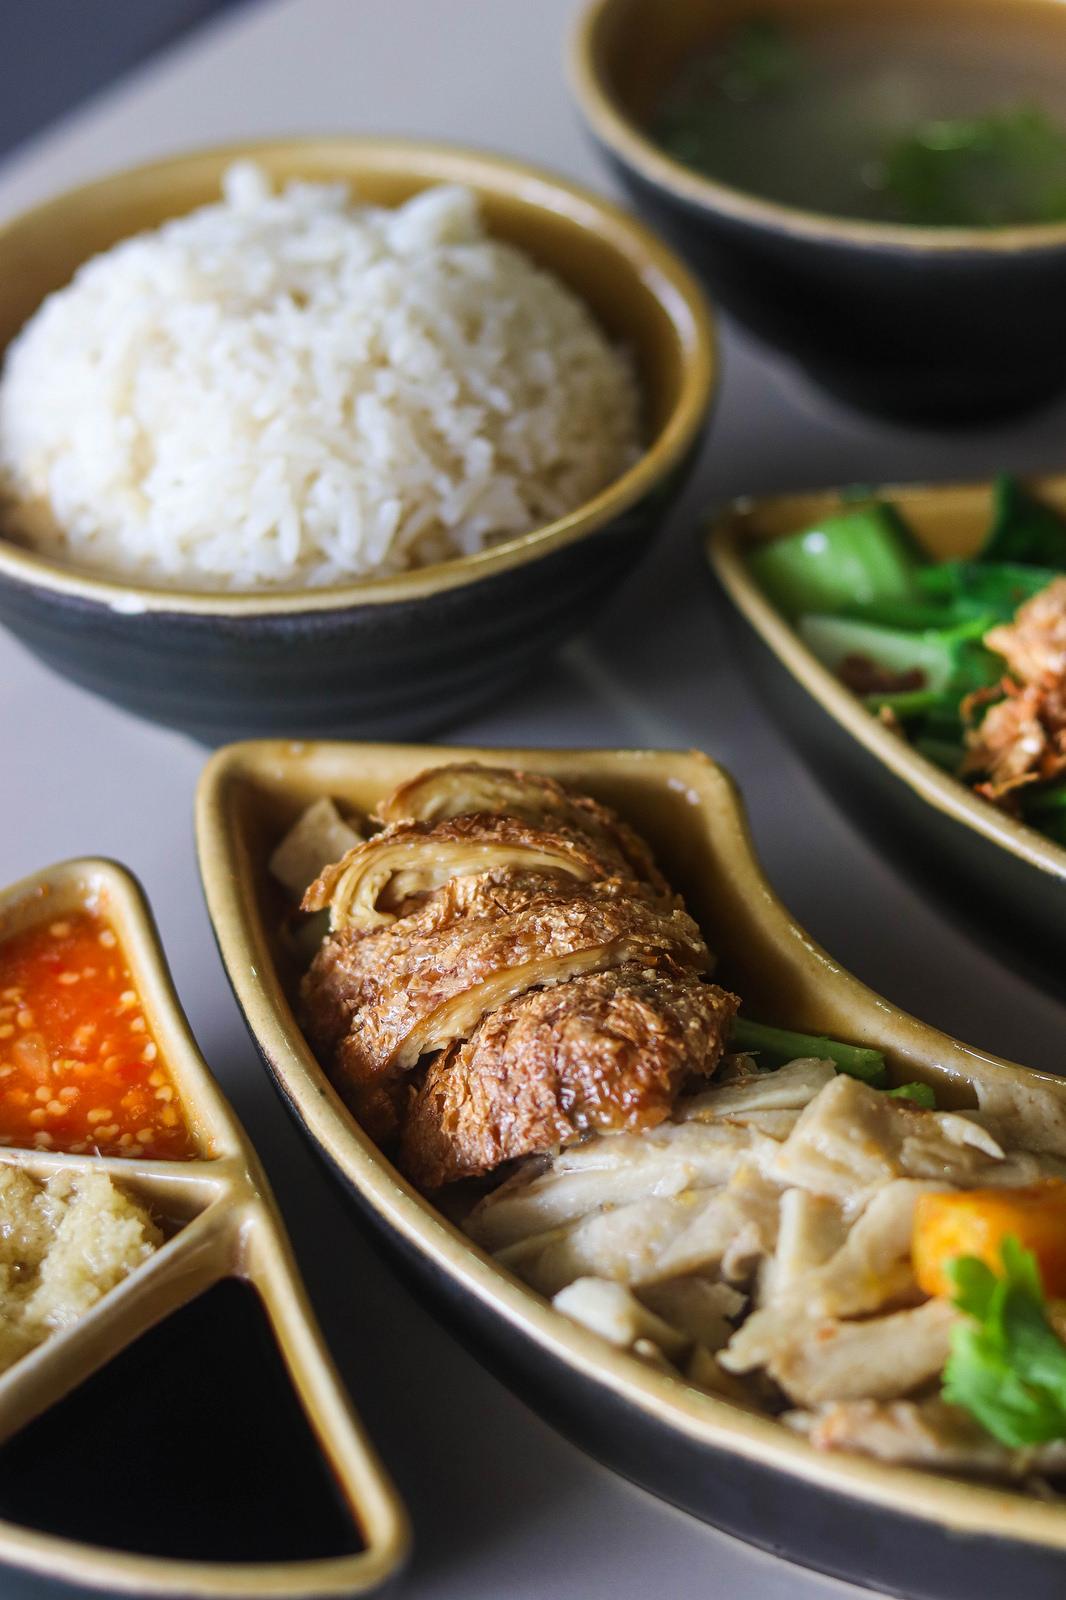 Image Ang Mo Kio - 33 Vegetarian